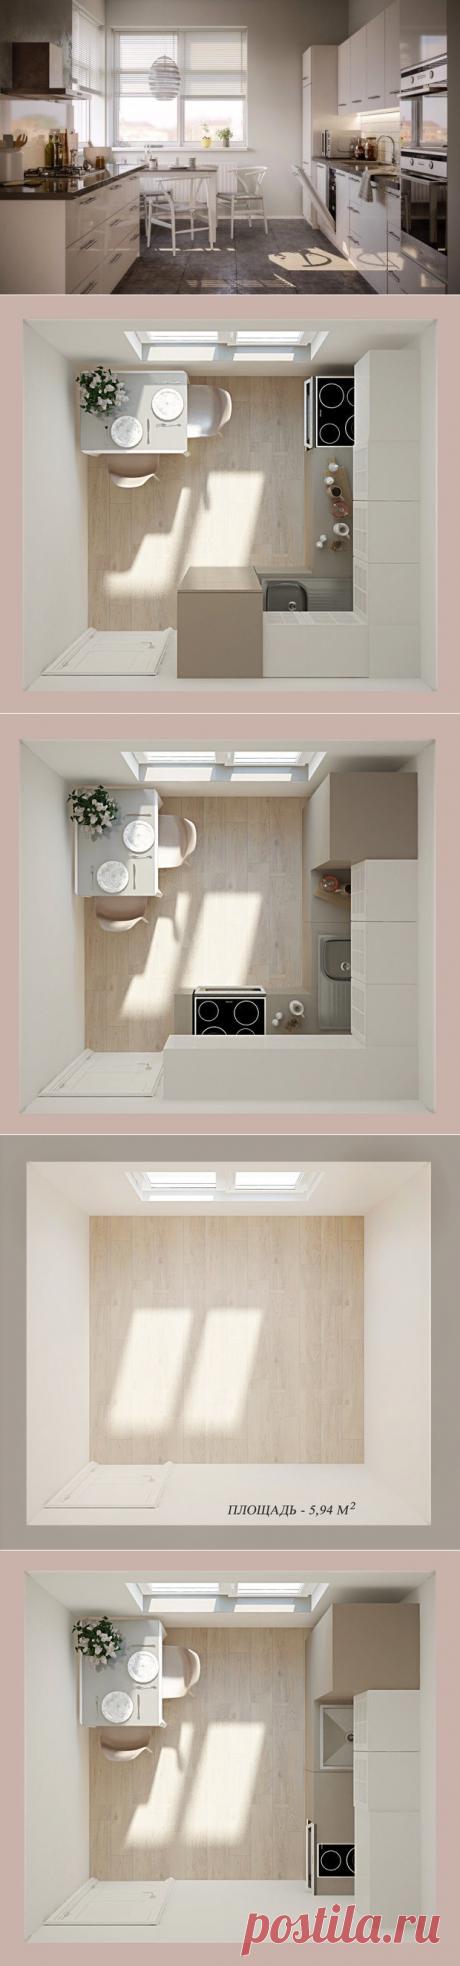 5 идей, как обустроить маленькую кухню в панельном доме | Свежие идеи дизайна интерьеров, декора, архитектуры на INMYROOM